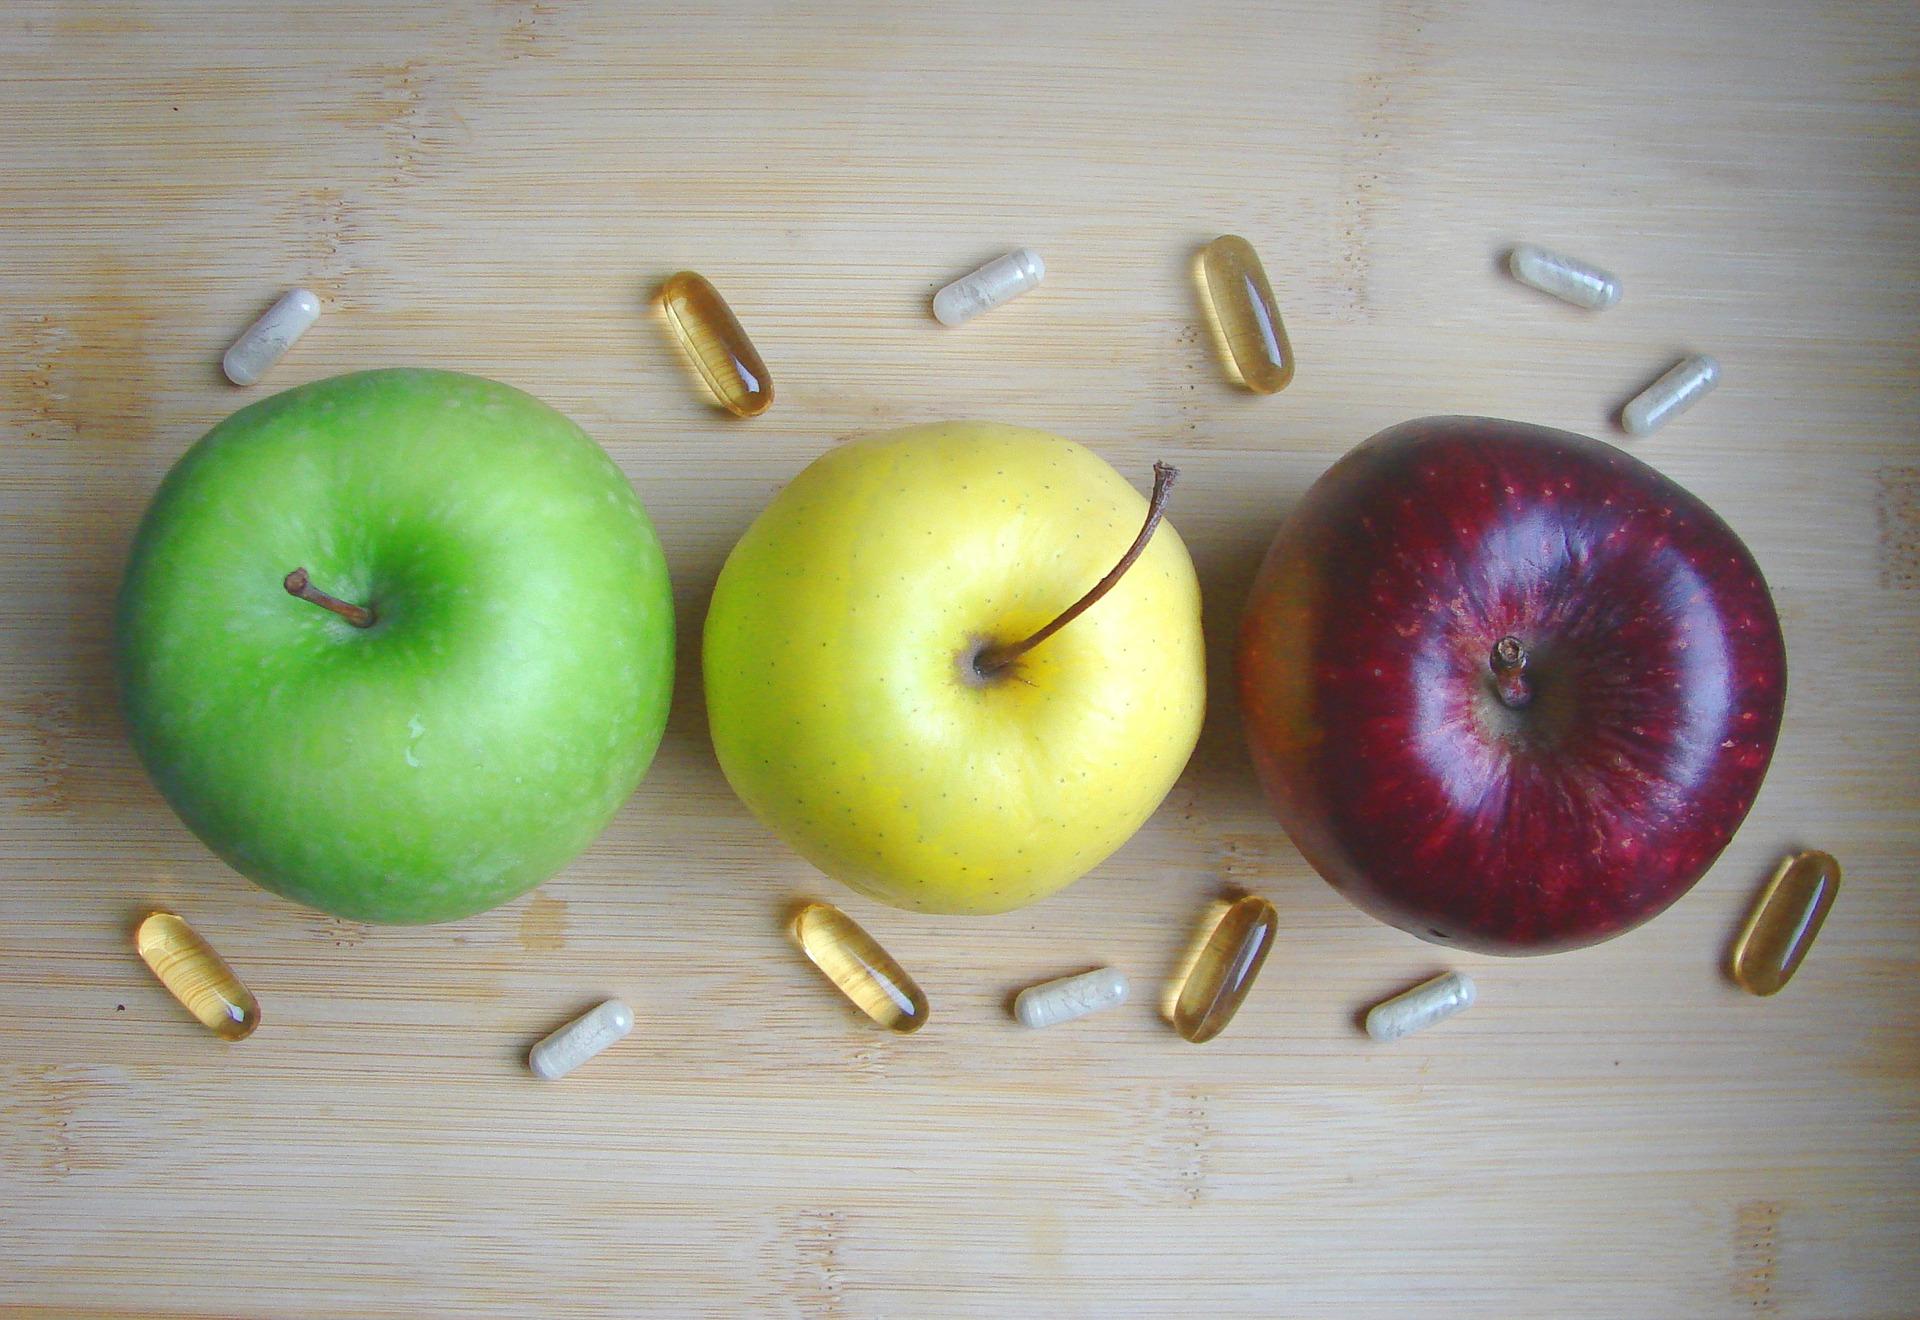 Prehranska dopolnila so živila